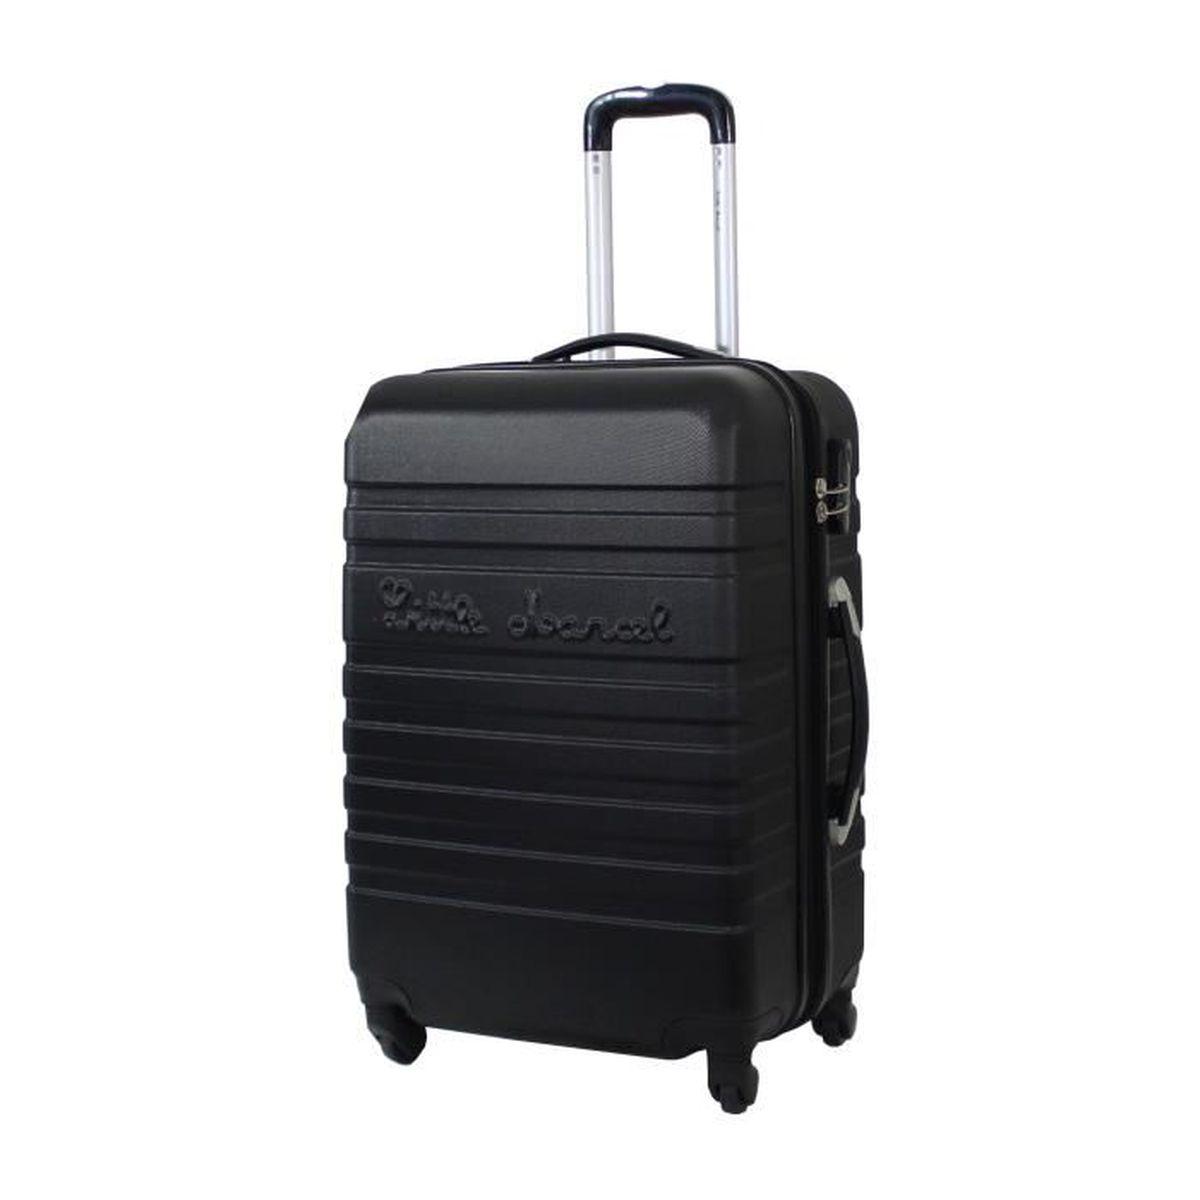 little marcel malette valise taille moyenne 65cm abs 4 roues noir noir achat vente. Black Bedroom Furniture Sets. Home Design Ideas